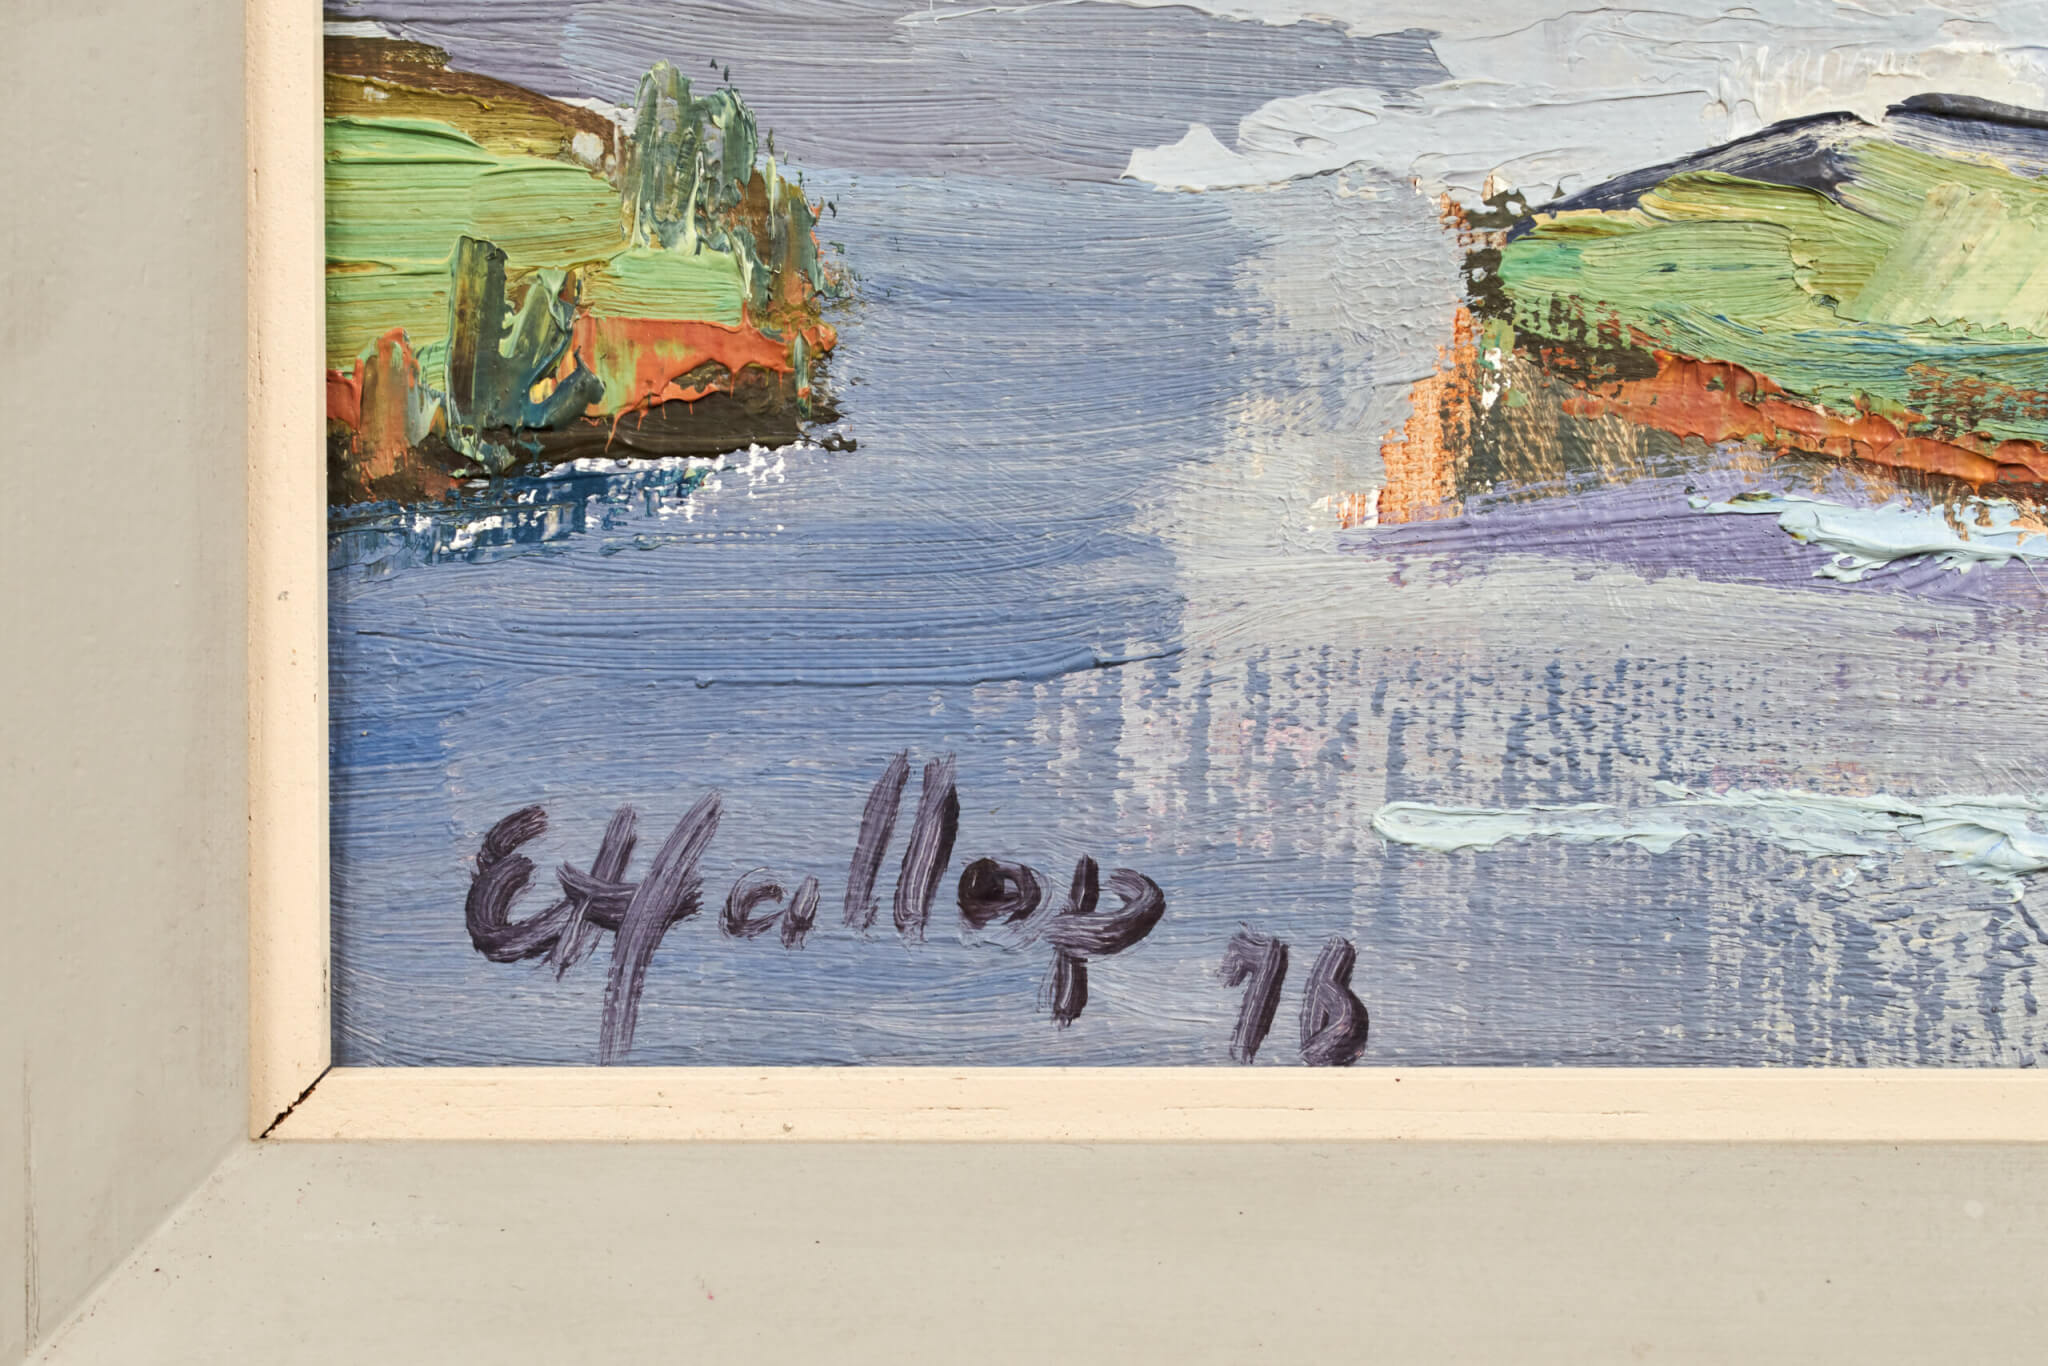 Ernst-Hallop-signatuur